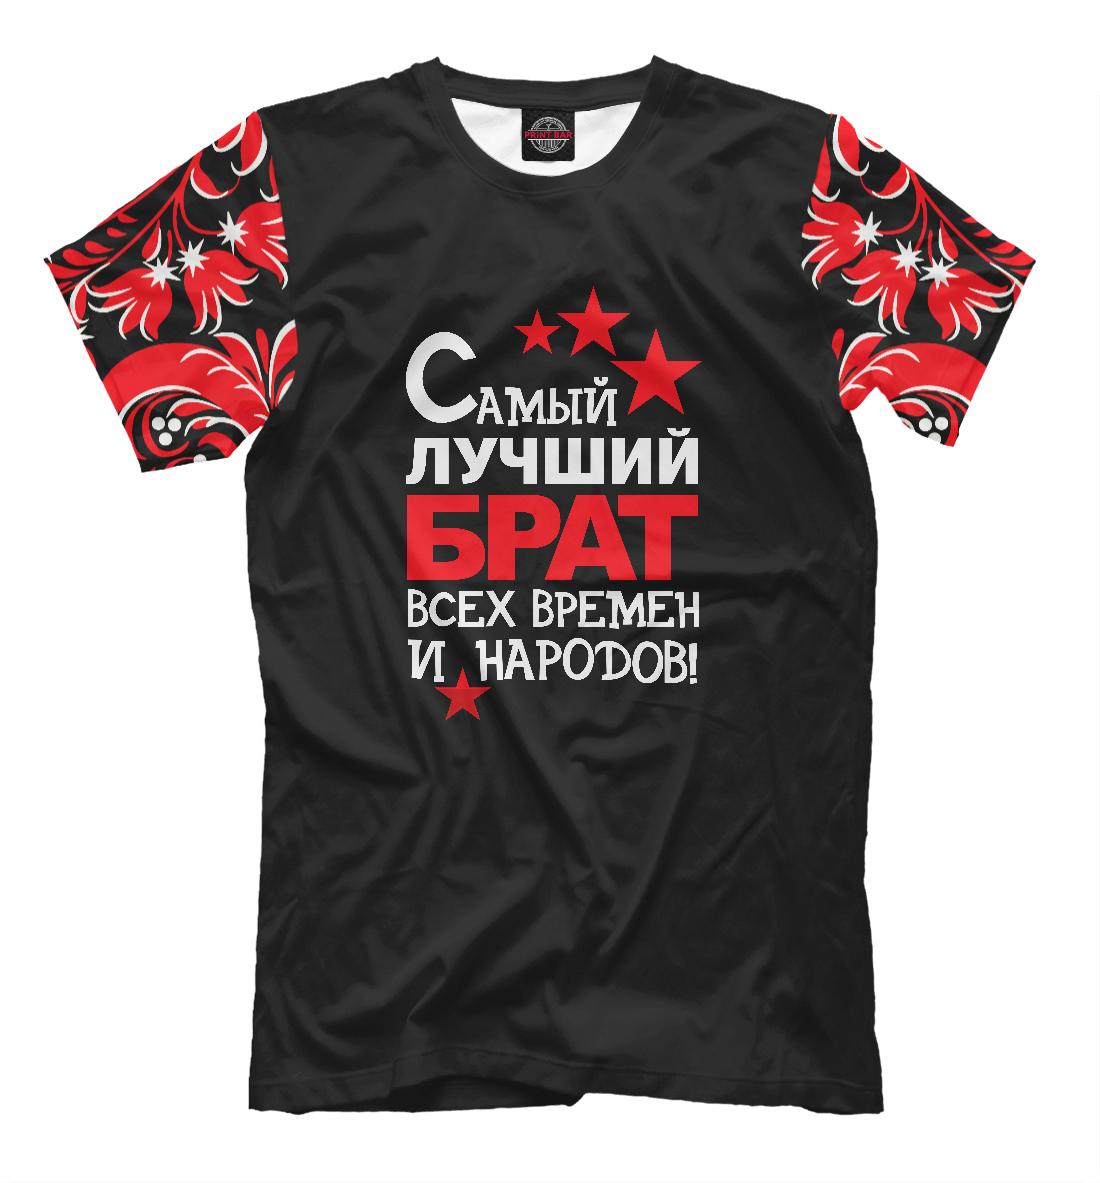 Купить Самый лучший брат, Printbar, Футболки, SEM-911367-fut-2